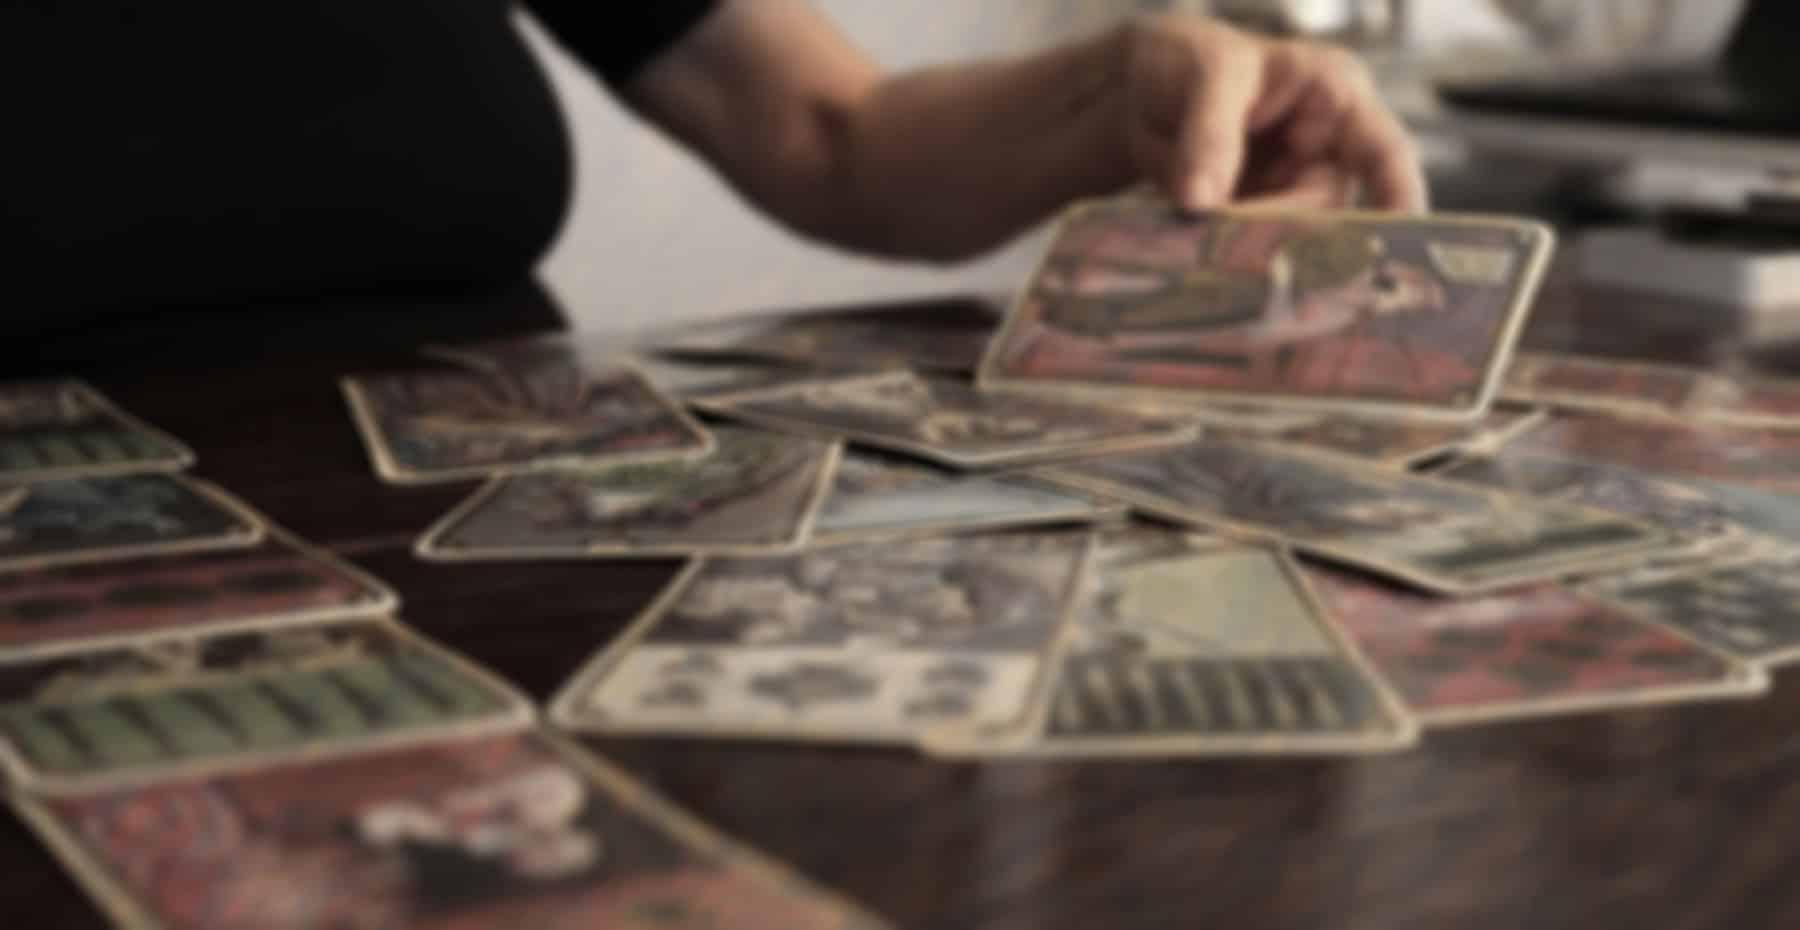 Cartomanzia senza carta di credito